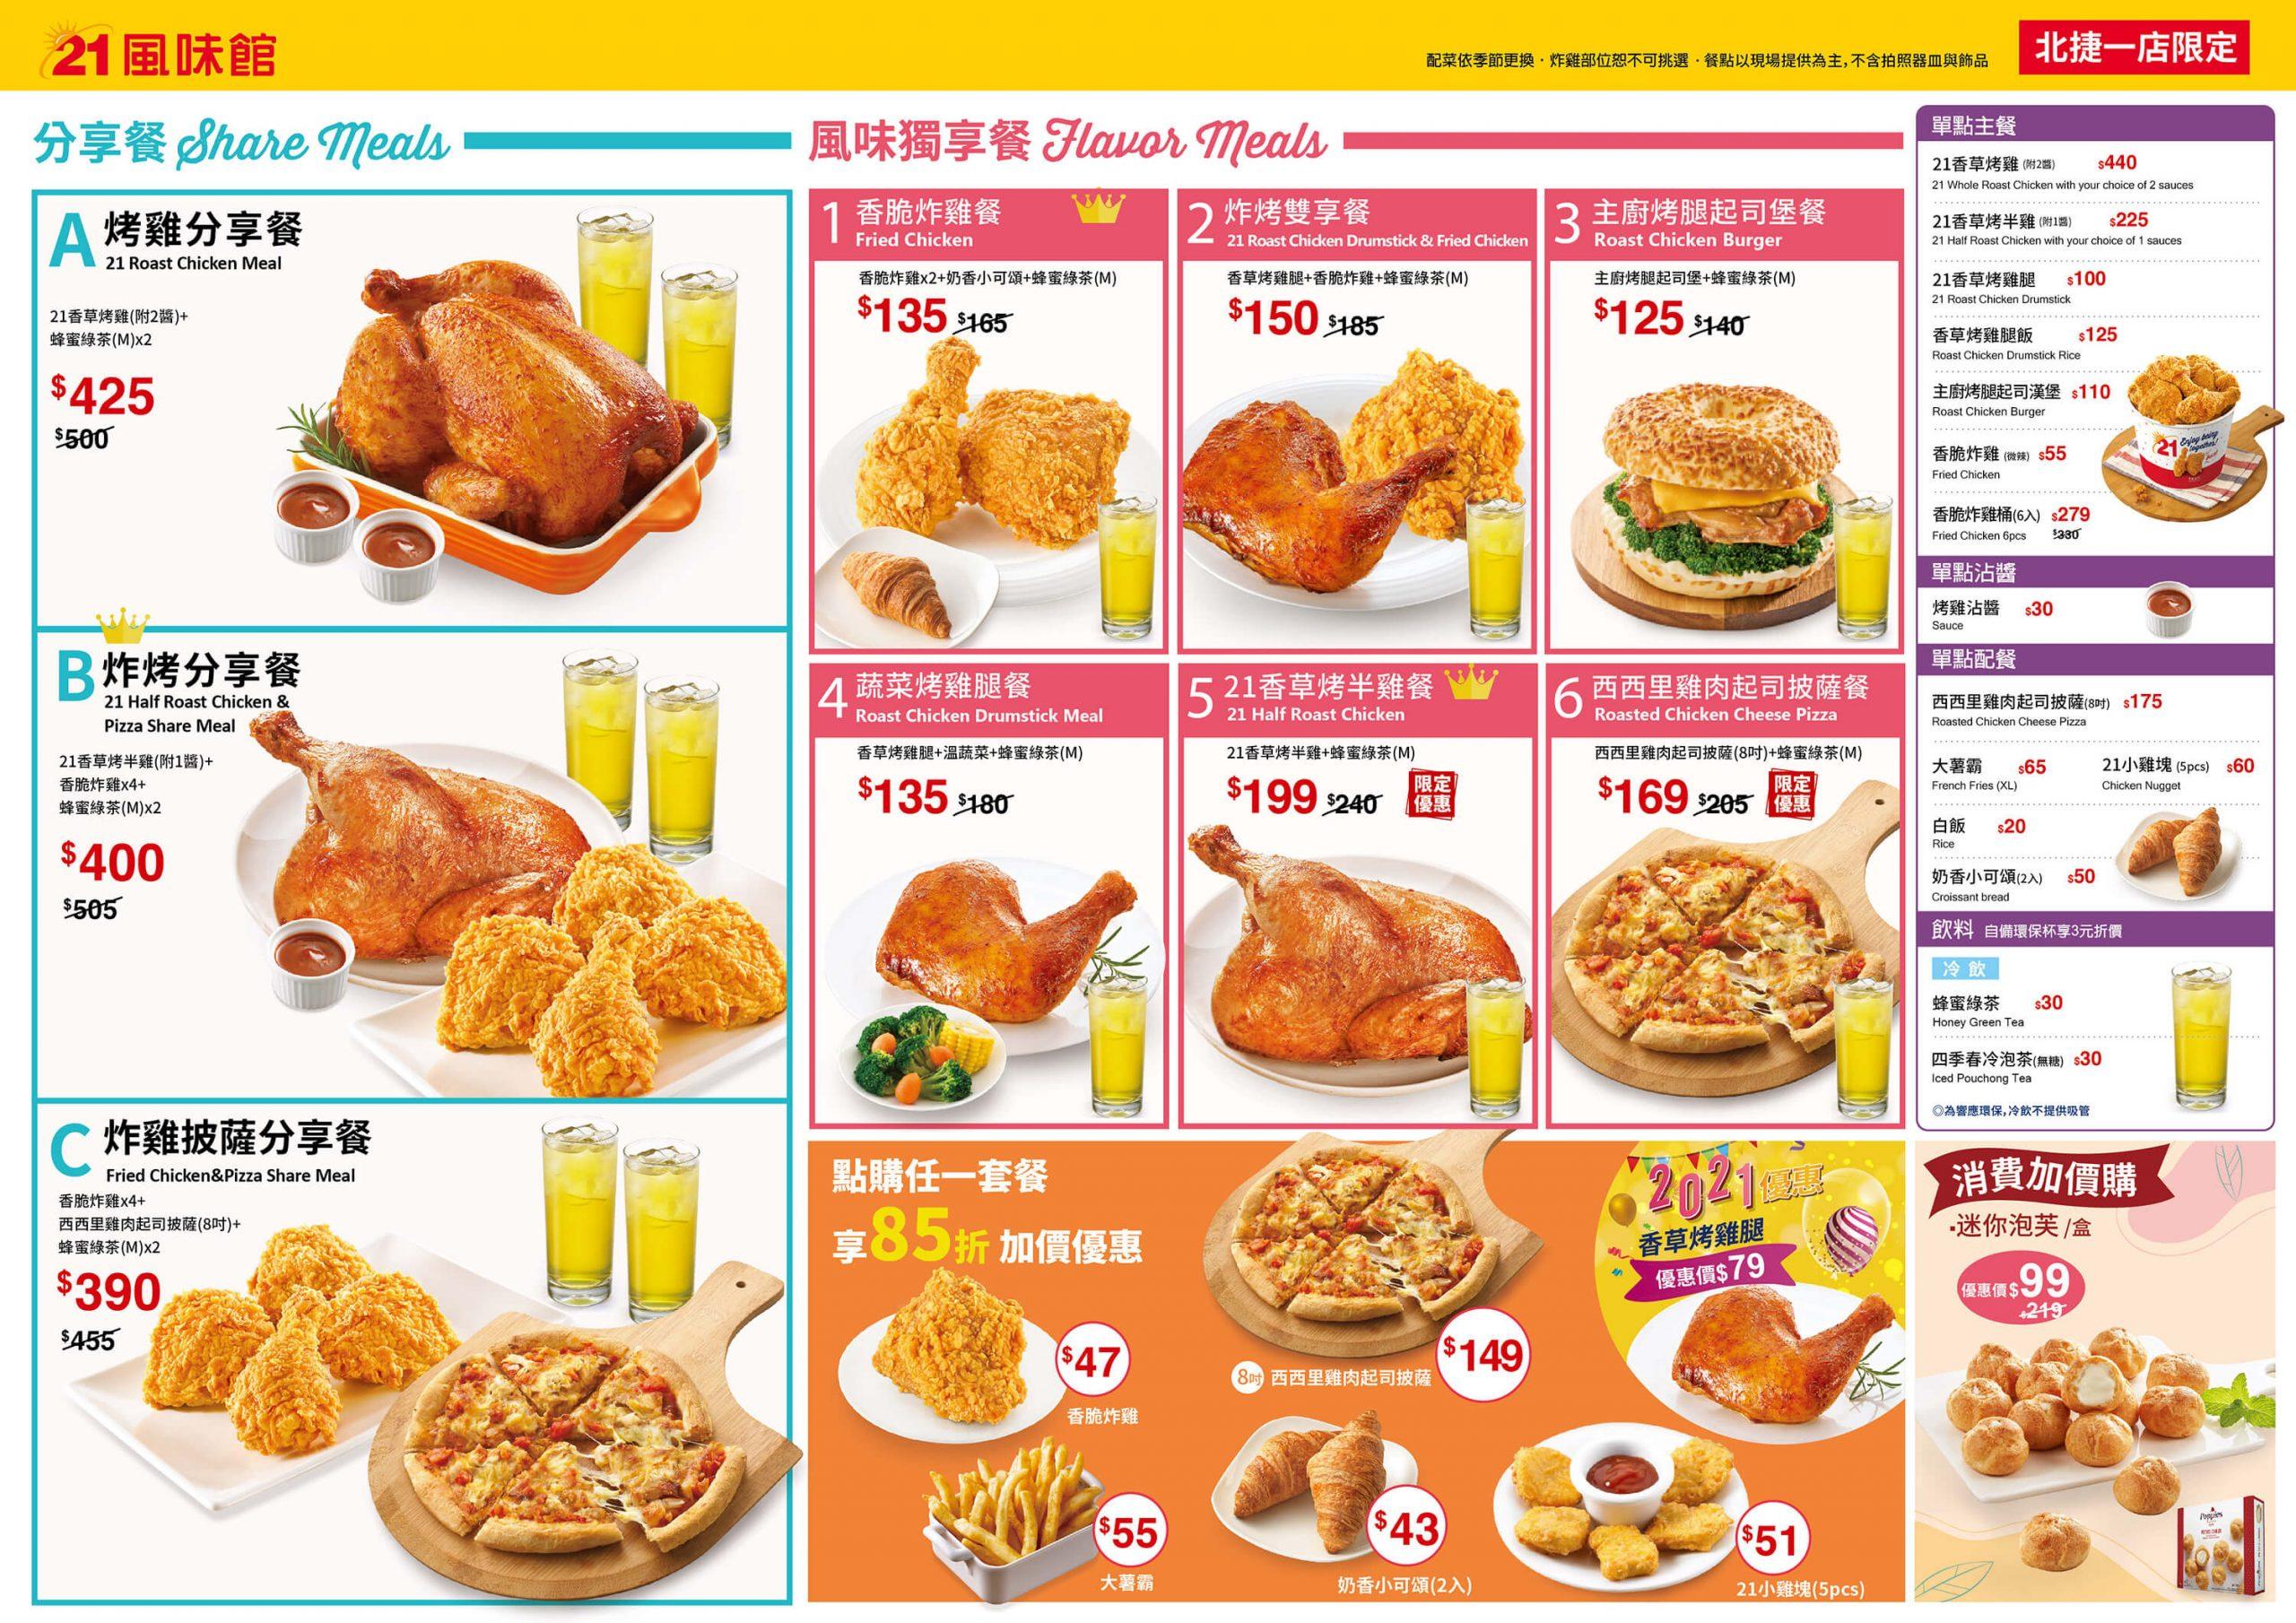 21風味館快速店限定菜單MENU